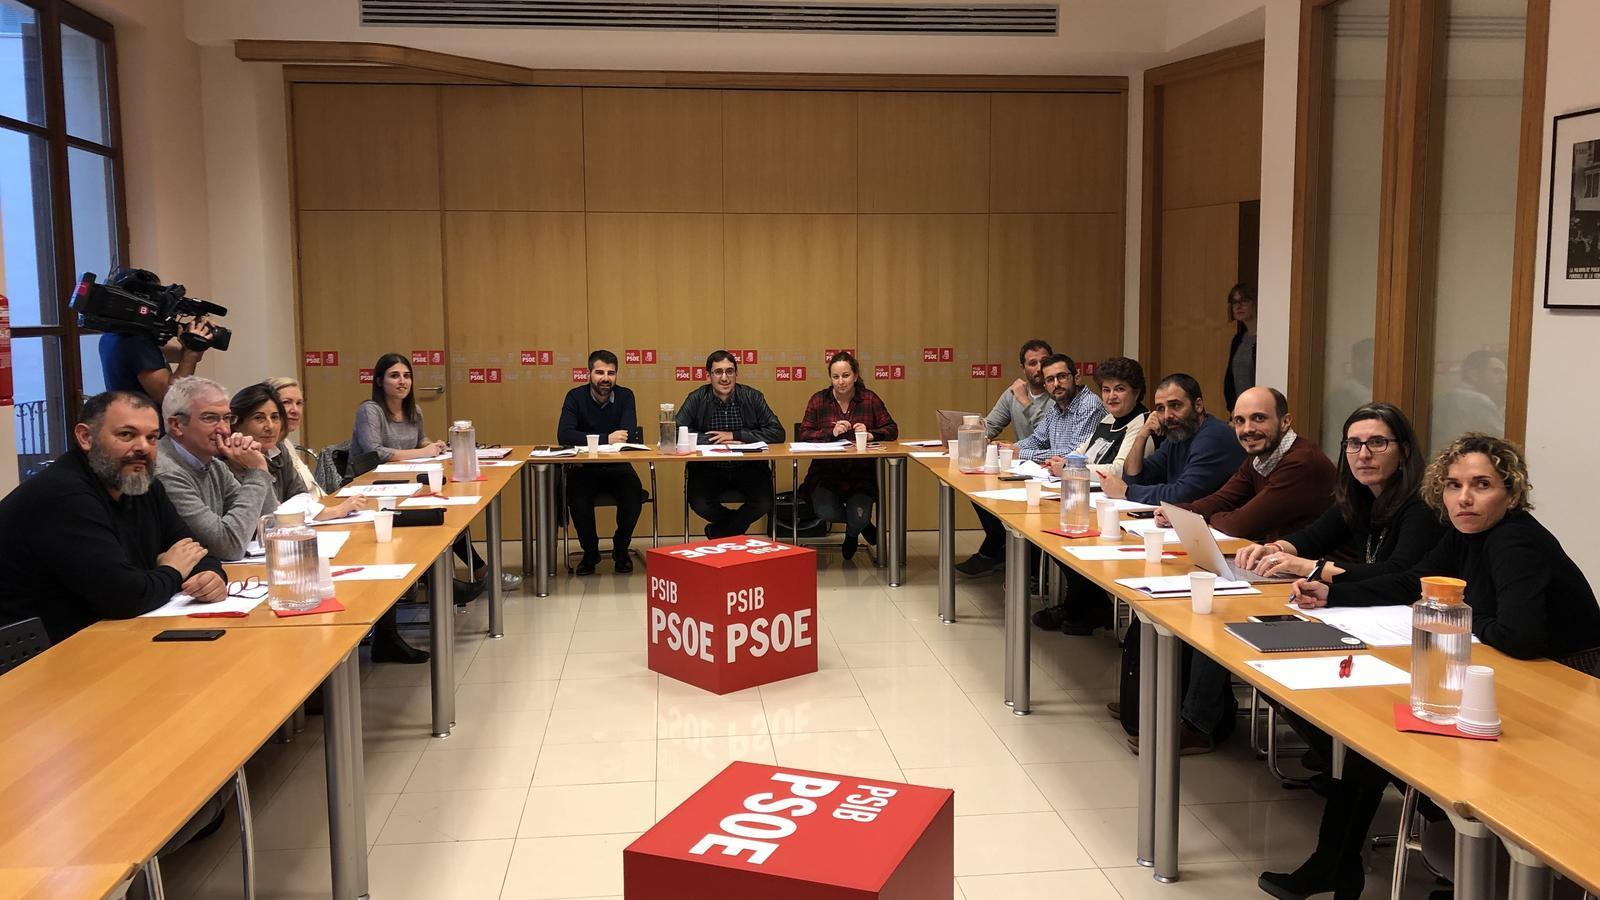 Imatge de la reunió dels coordinadors dels grups de treball a la seu del PSIB.